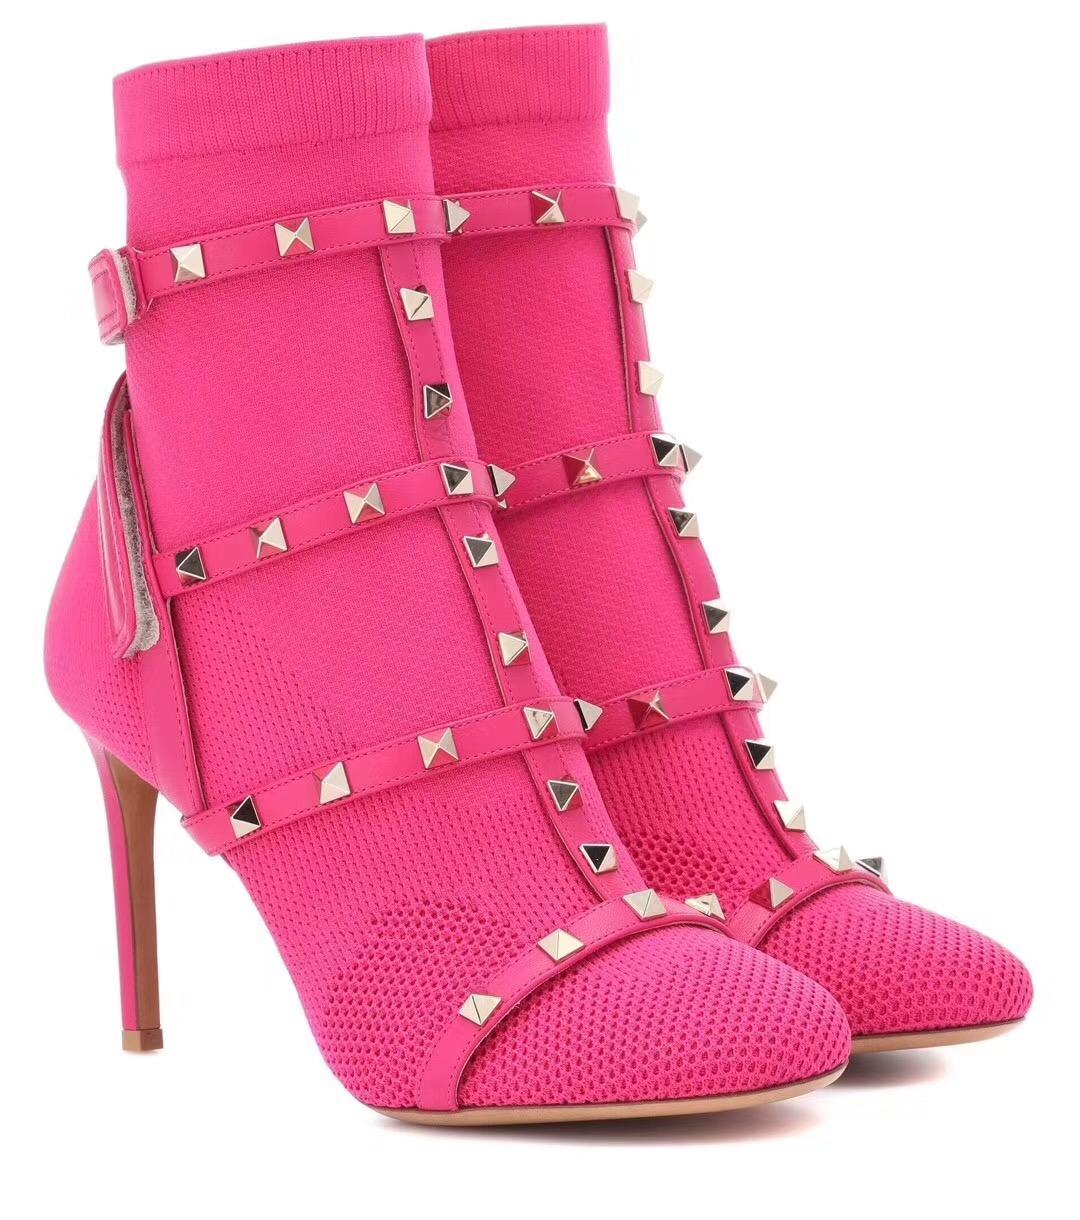 Womens lusso caldo del progettista di vendita-modo delle donne scarpe stivali media Superstar Nuova 2018 Retros Thick Heel Boots lusso scarpe di alta qualità Boots41